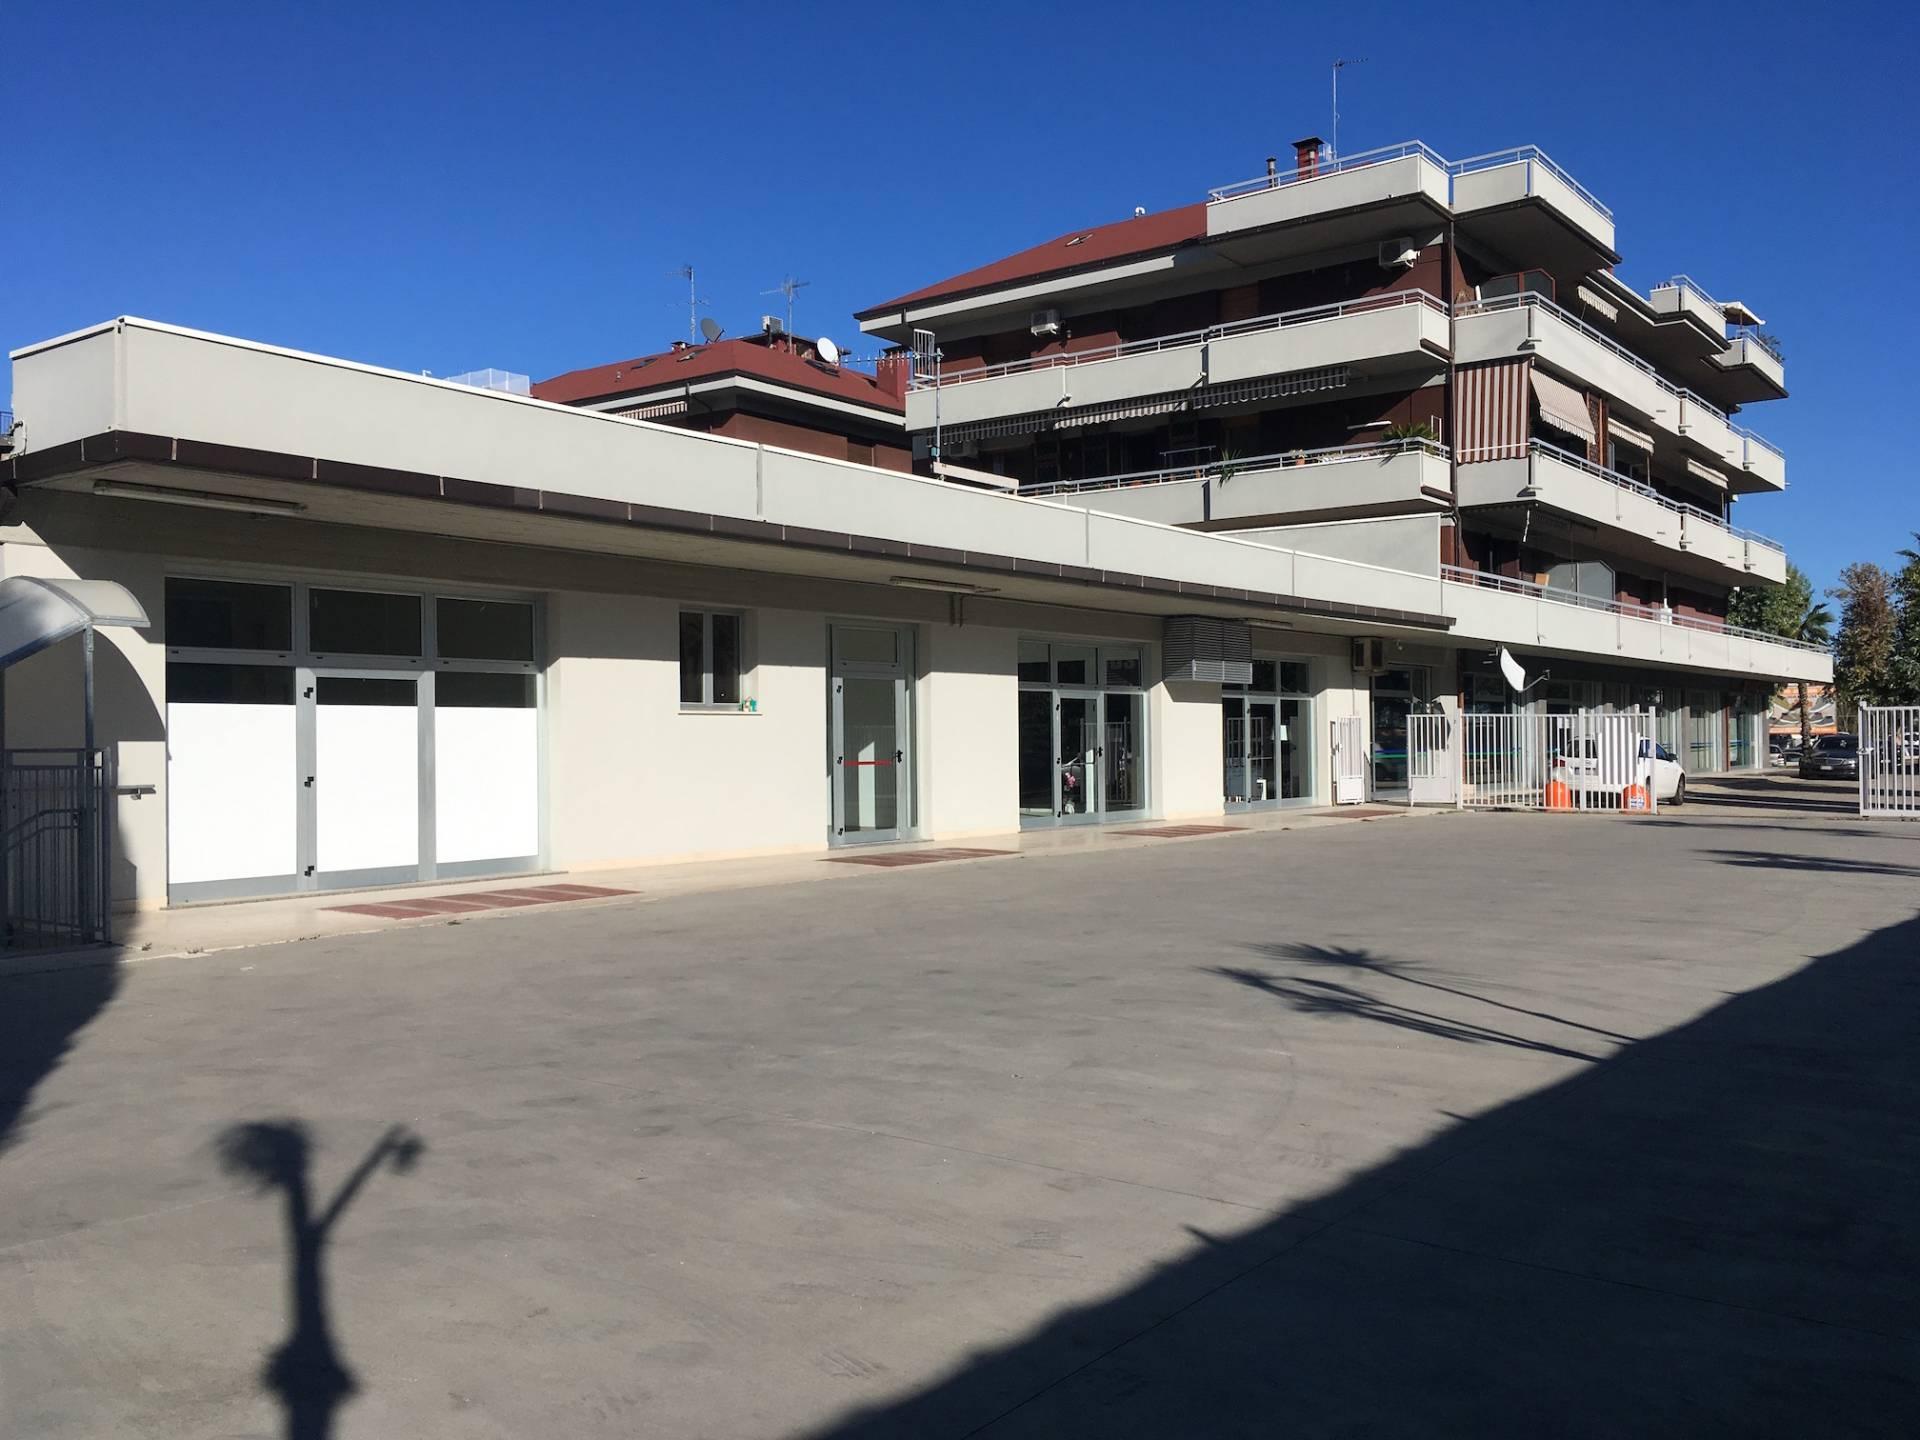 Appartamento in vendita a San Benedetto del Tronto, 3 locali, zona Località: vialeDeGasperi, prezzo € 338.000   PortaleAgenzieImmobiliari.it